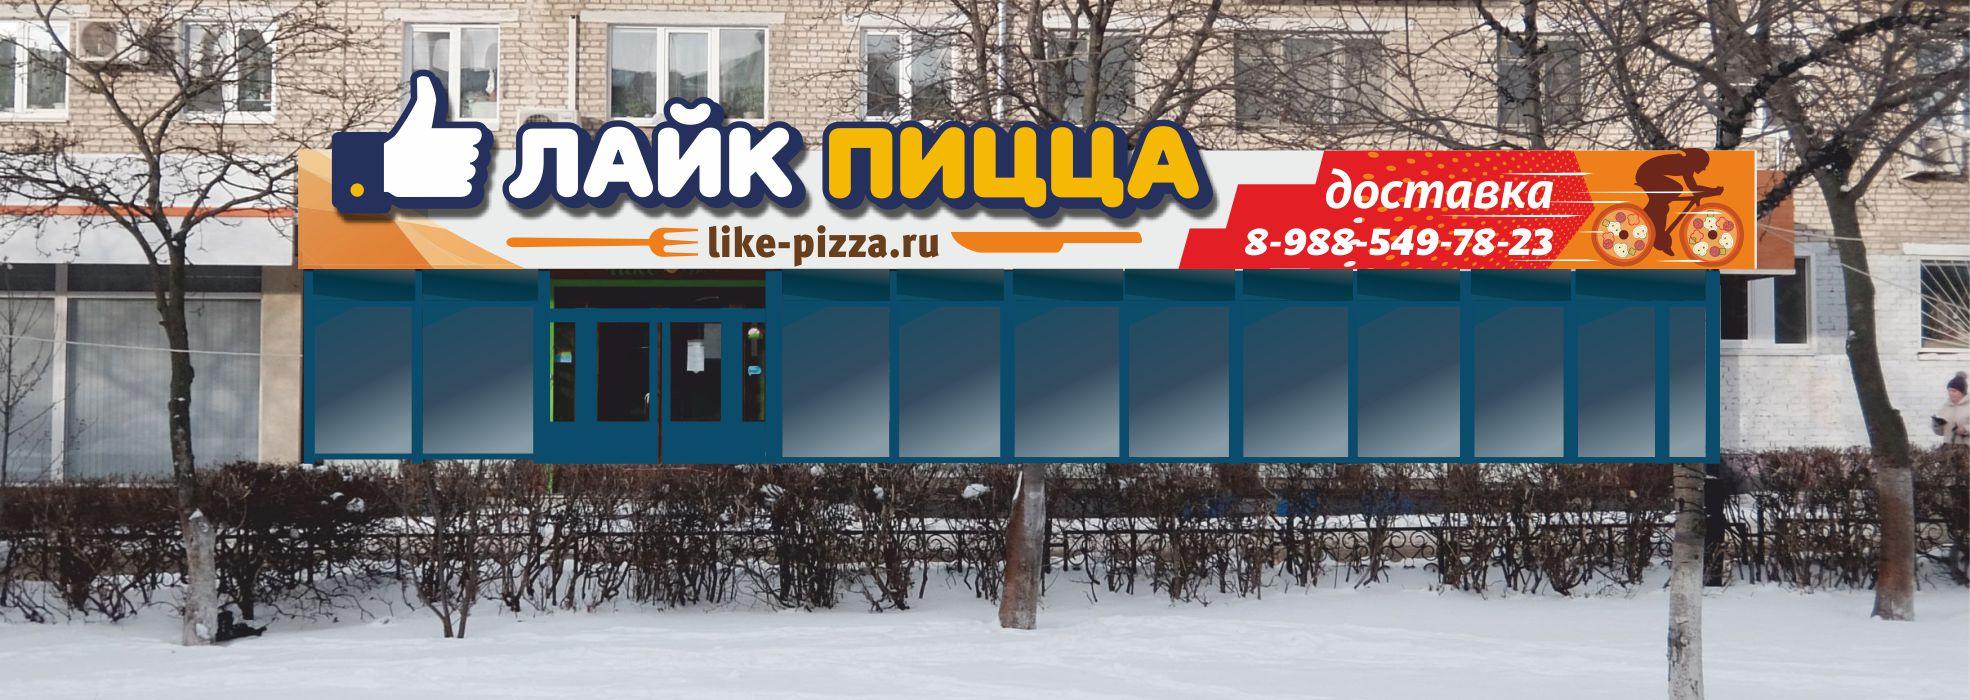 Дизайн уличного козырька с вывеской для пиццерии фото f_6995873cd93930f6.jpg